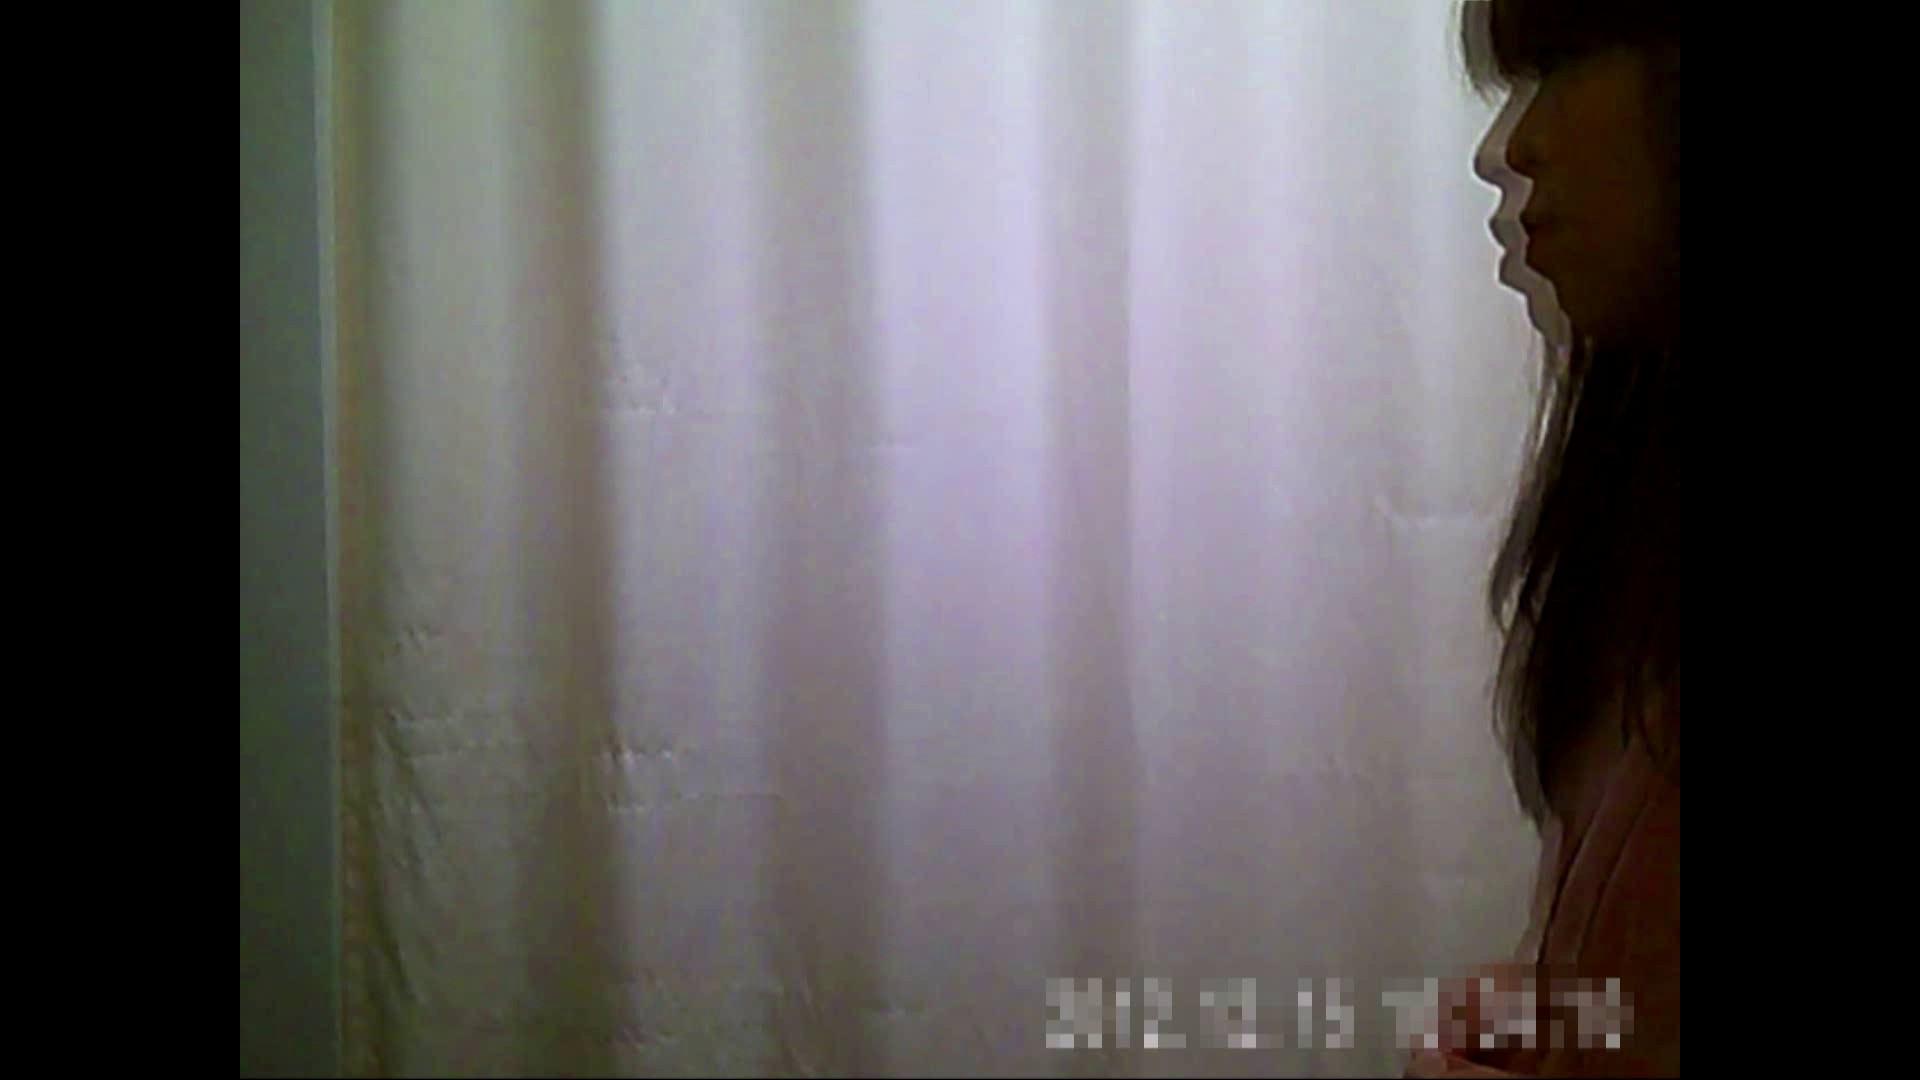 病院おもいっきり着替え! vol.178 女体盗撮 隠し撮りすけべAV動画紹介 62連発 58